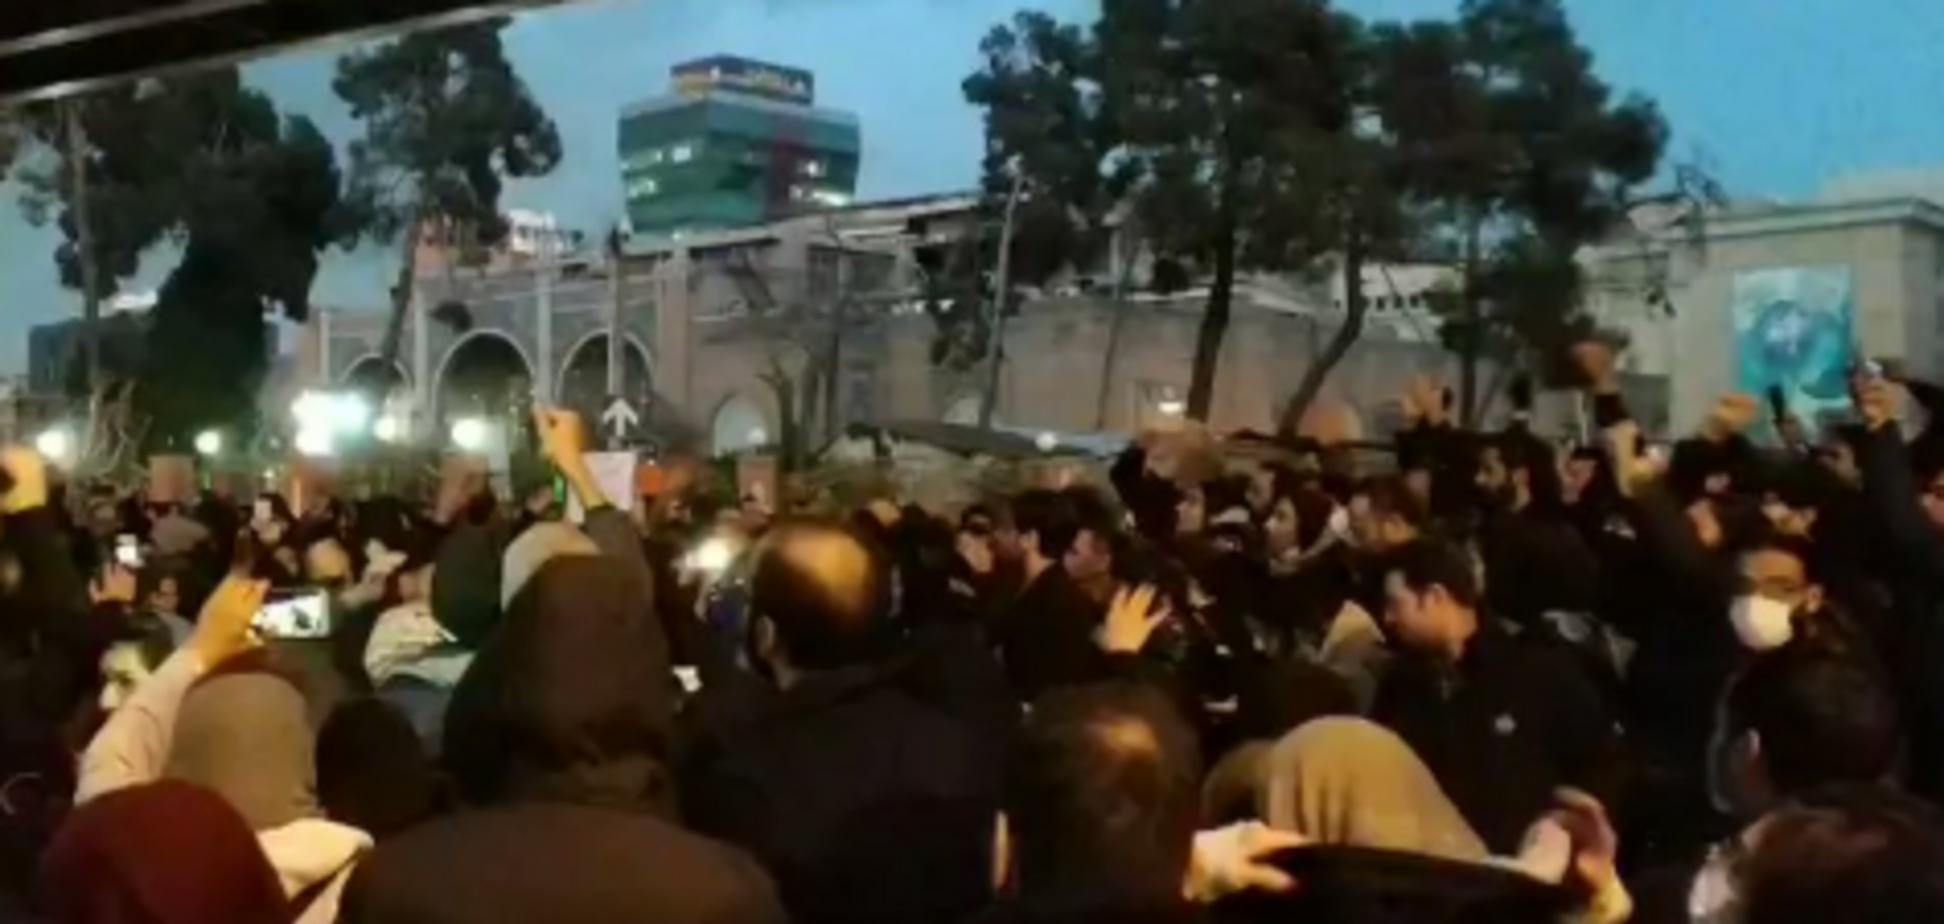 В Иране разгорелись протесты из-за трагедии ссамолетом